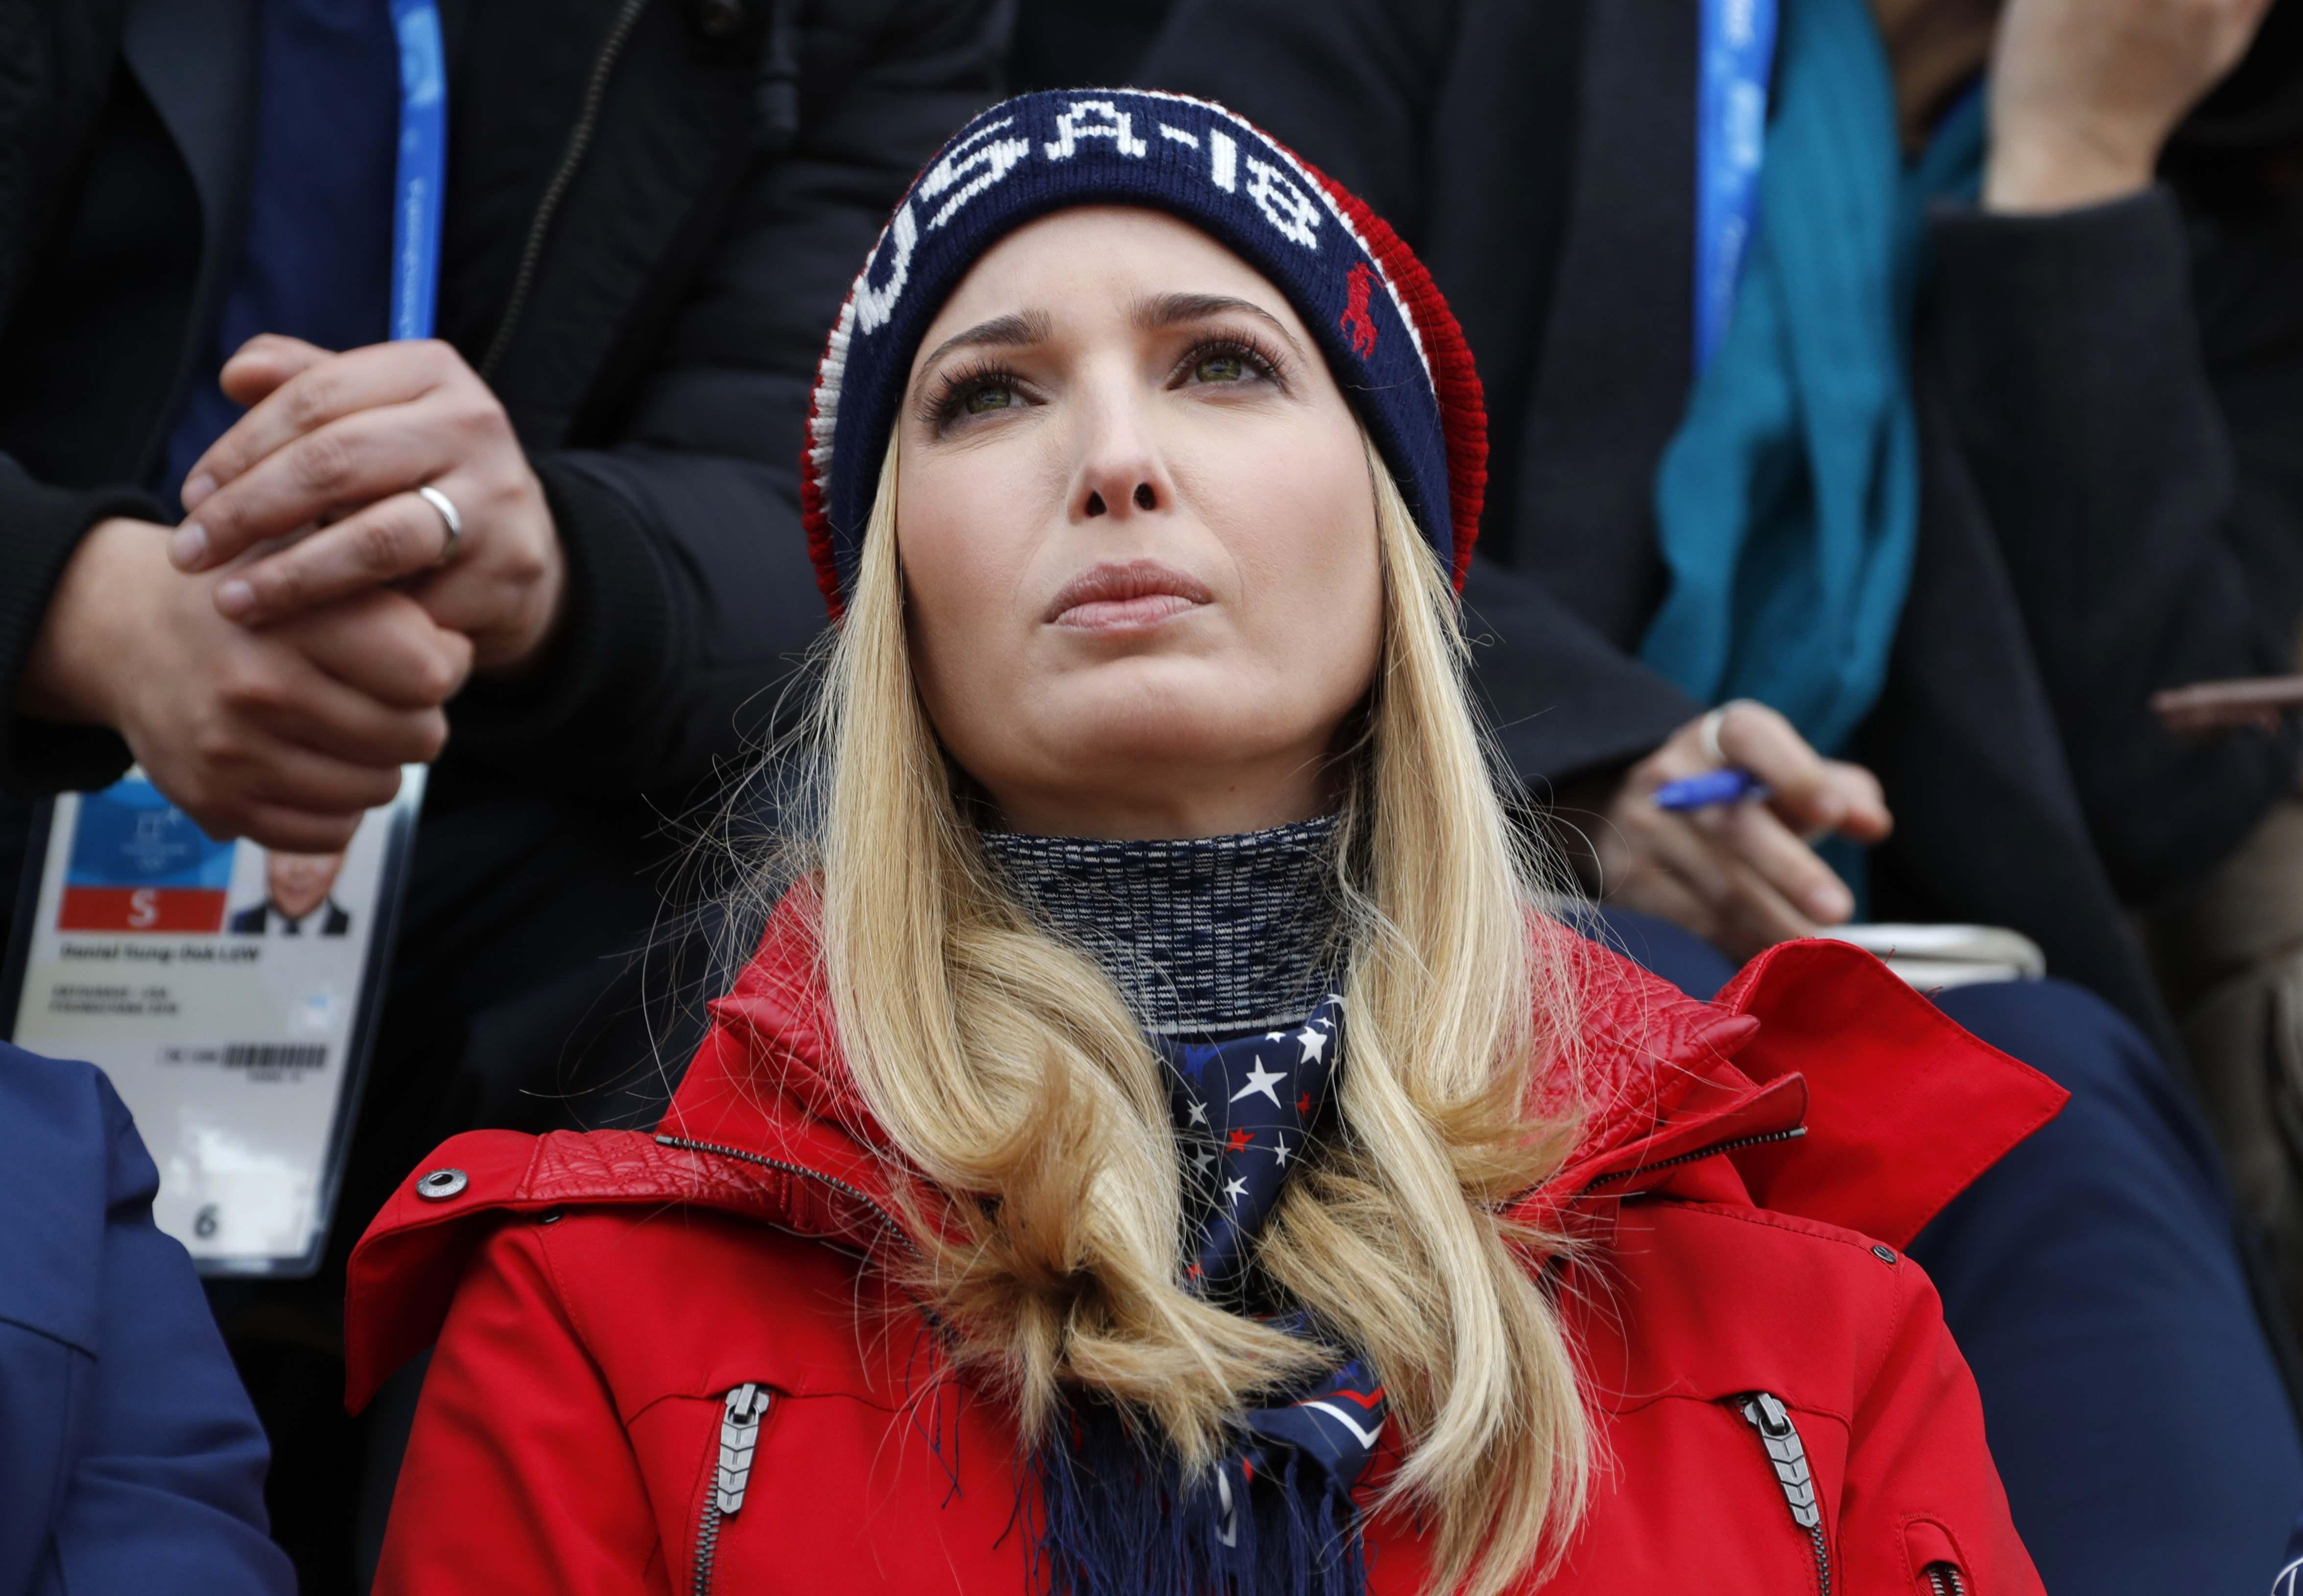 إيفانكا ترامب ابنة الرئيس الأمريكى دونالد ترامب